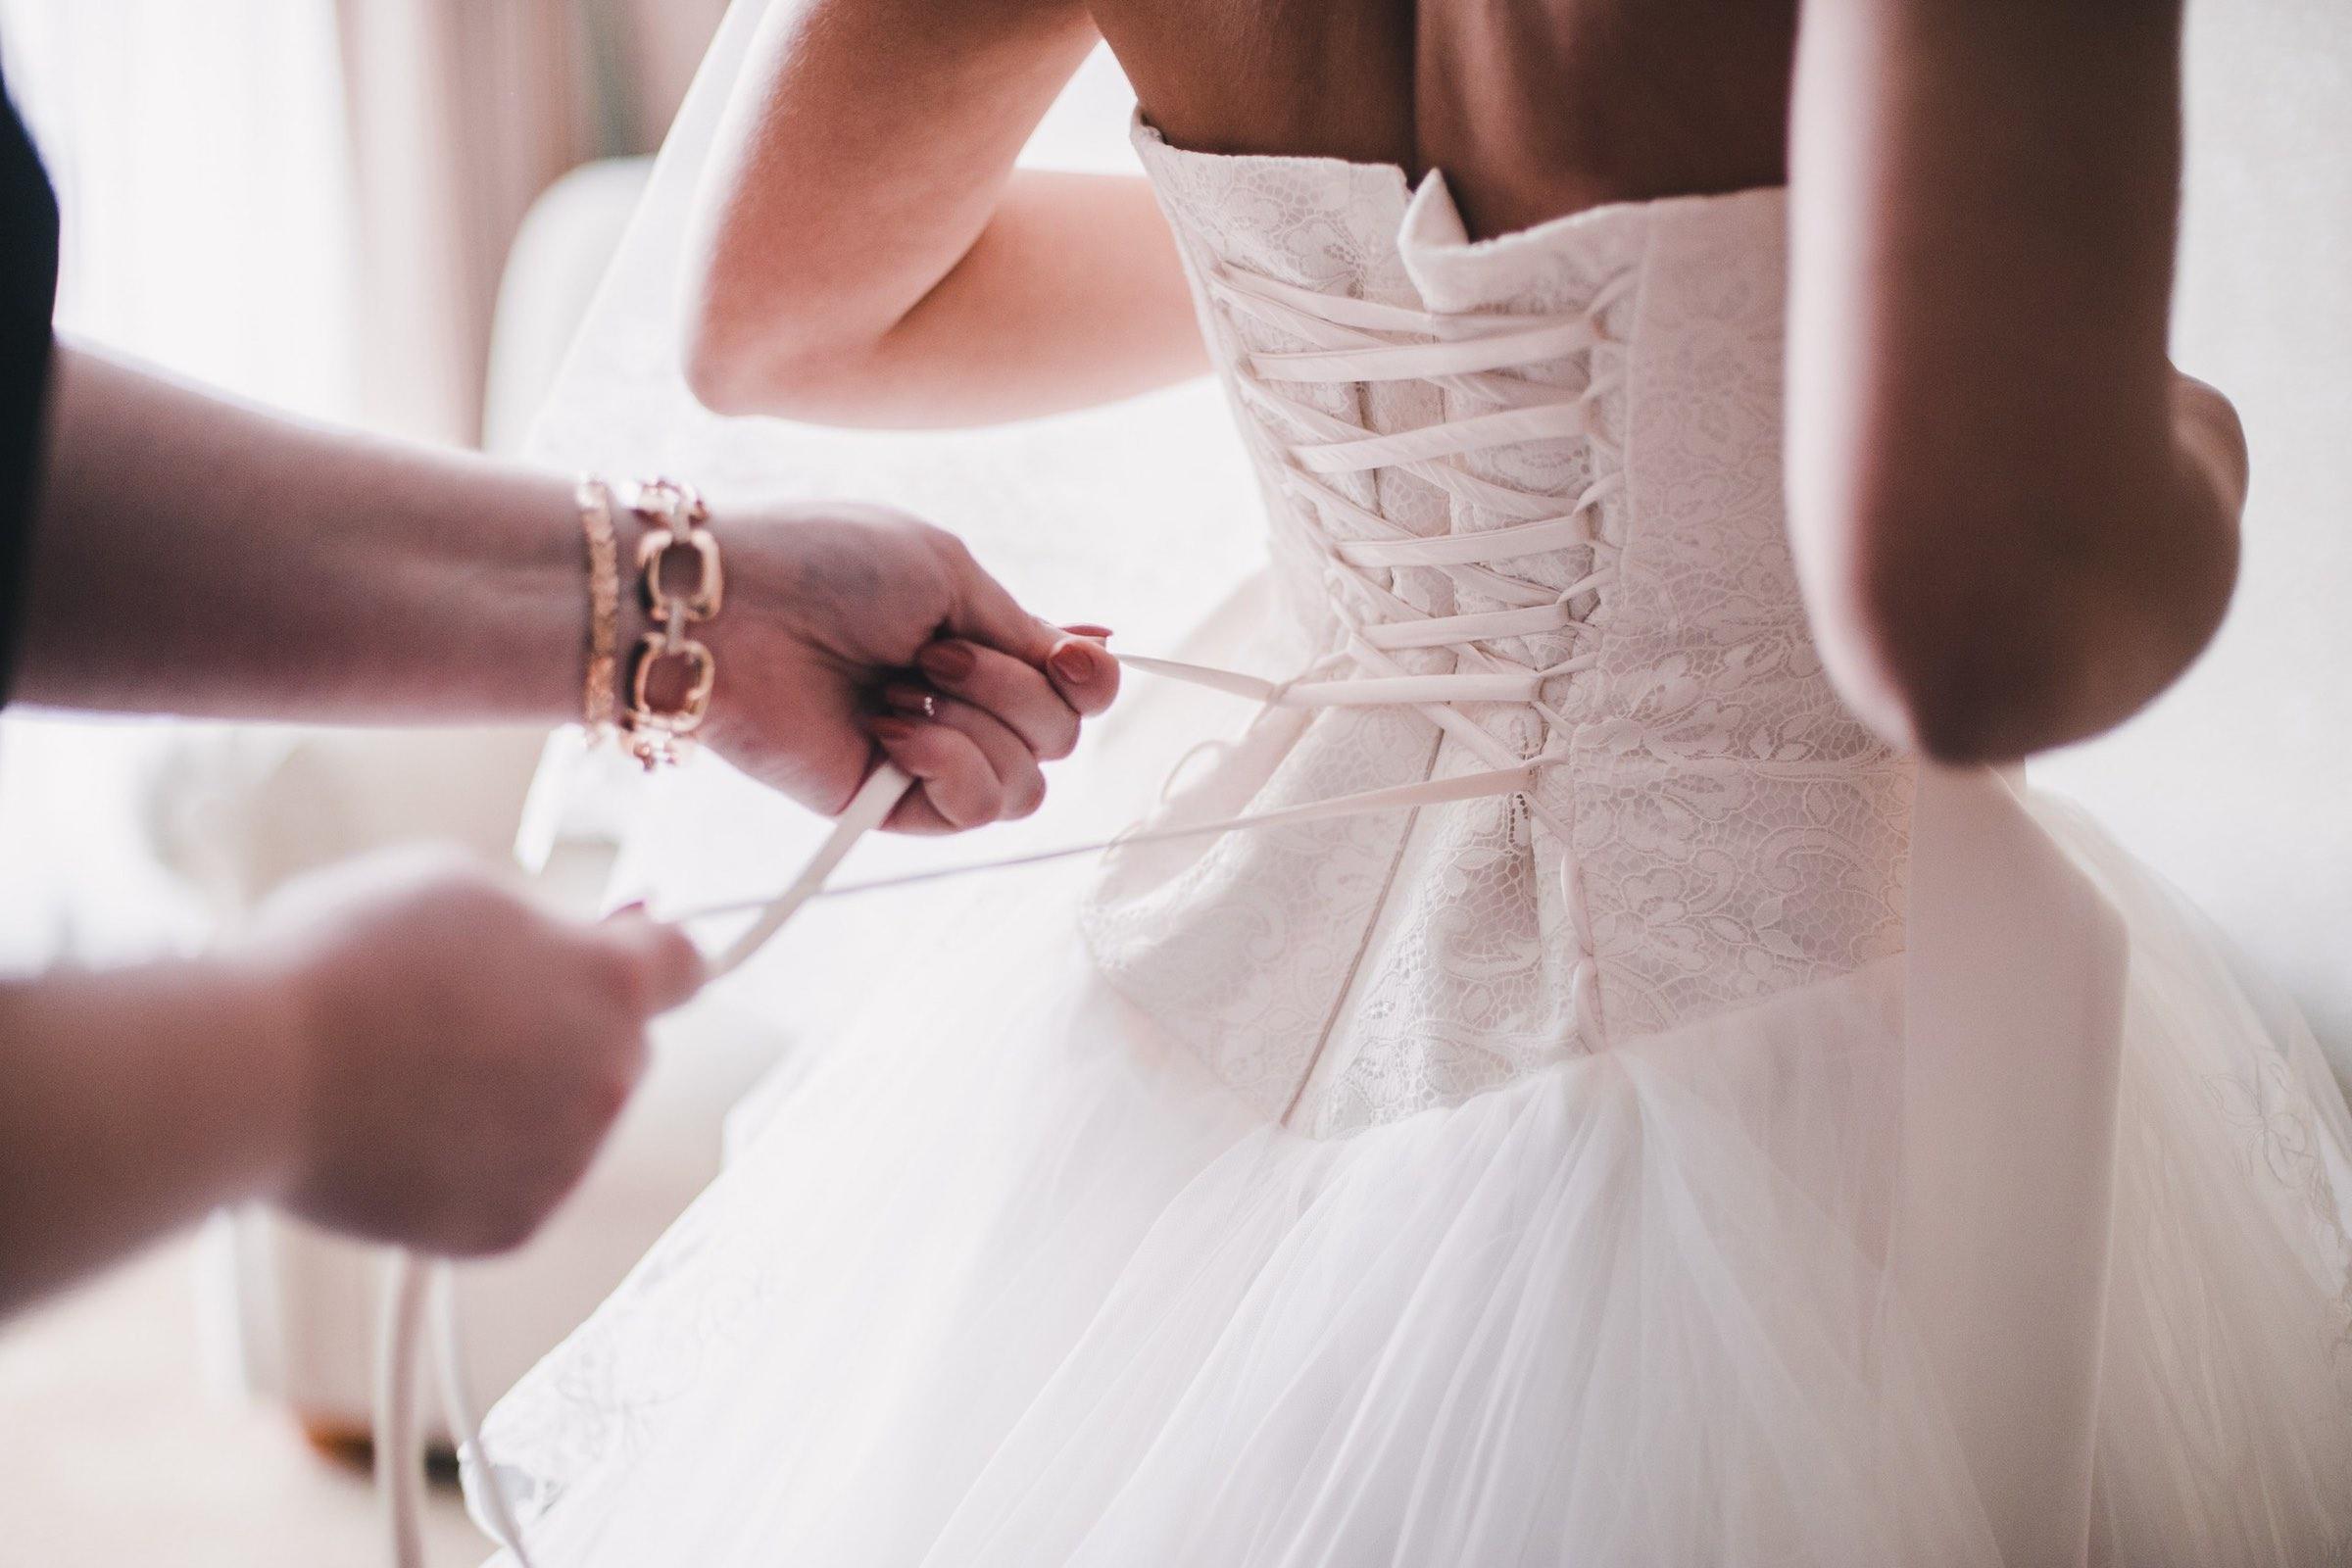 Hochzeitsfotograf | Hildesheim | Hannover | Celle | Fotograf | Braunschweig | Hochzeit | Hochzeitsfotografie | Hochzeitsreportage | Fotografie | Mieten | Buchen | Lehmann | Eventservice